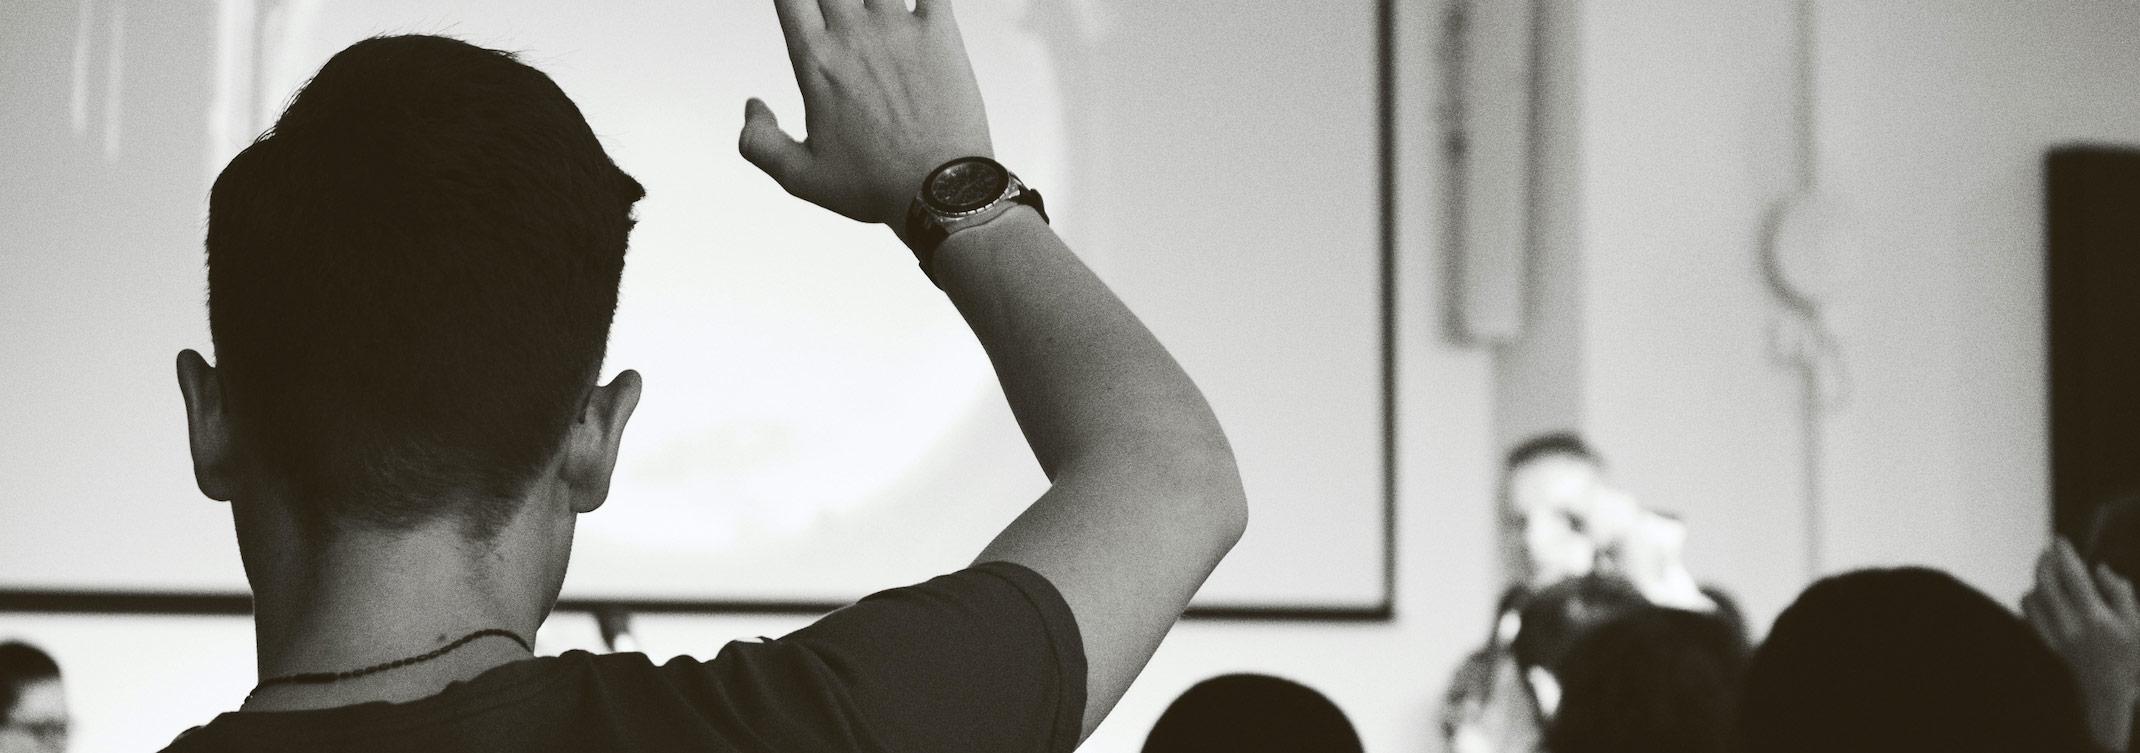 FISCHER | Bildung und Beratung - Seminare